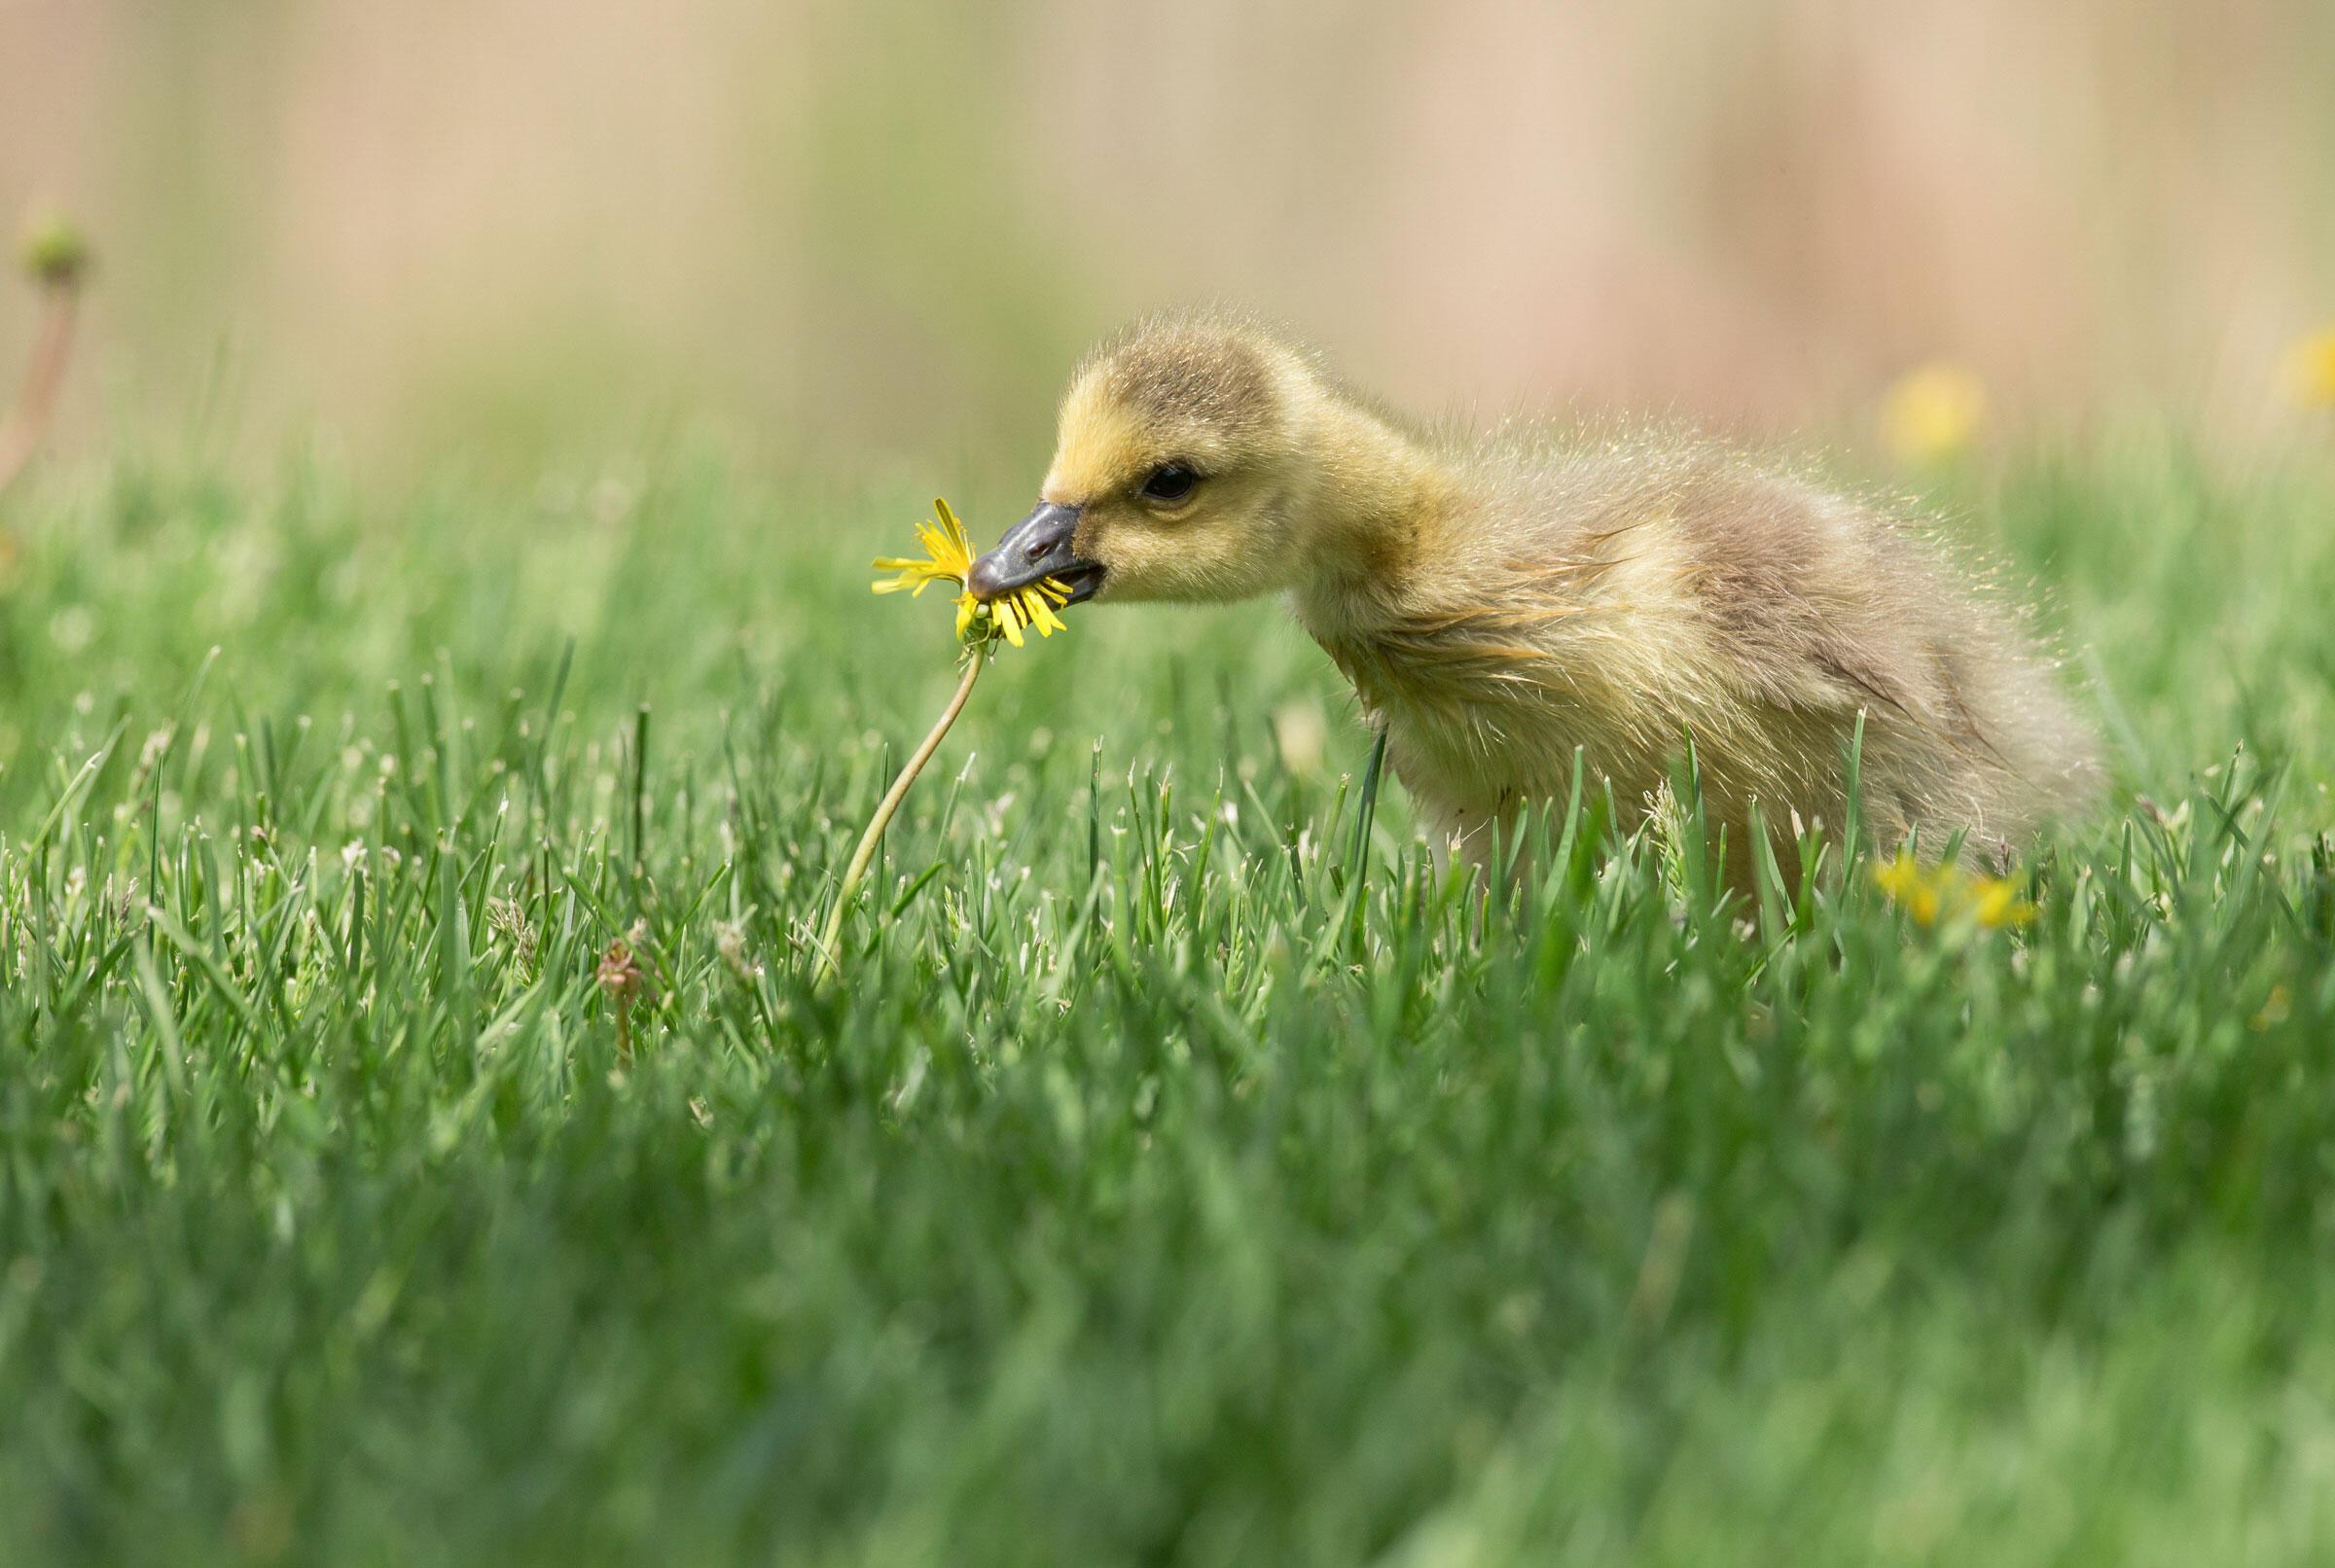 Canada Goose/Amateur Category. Barb D'Arpino/Audubon Photography Awards